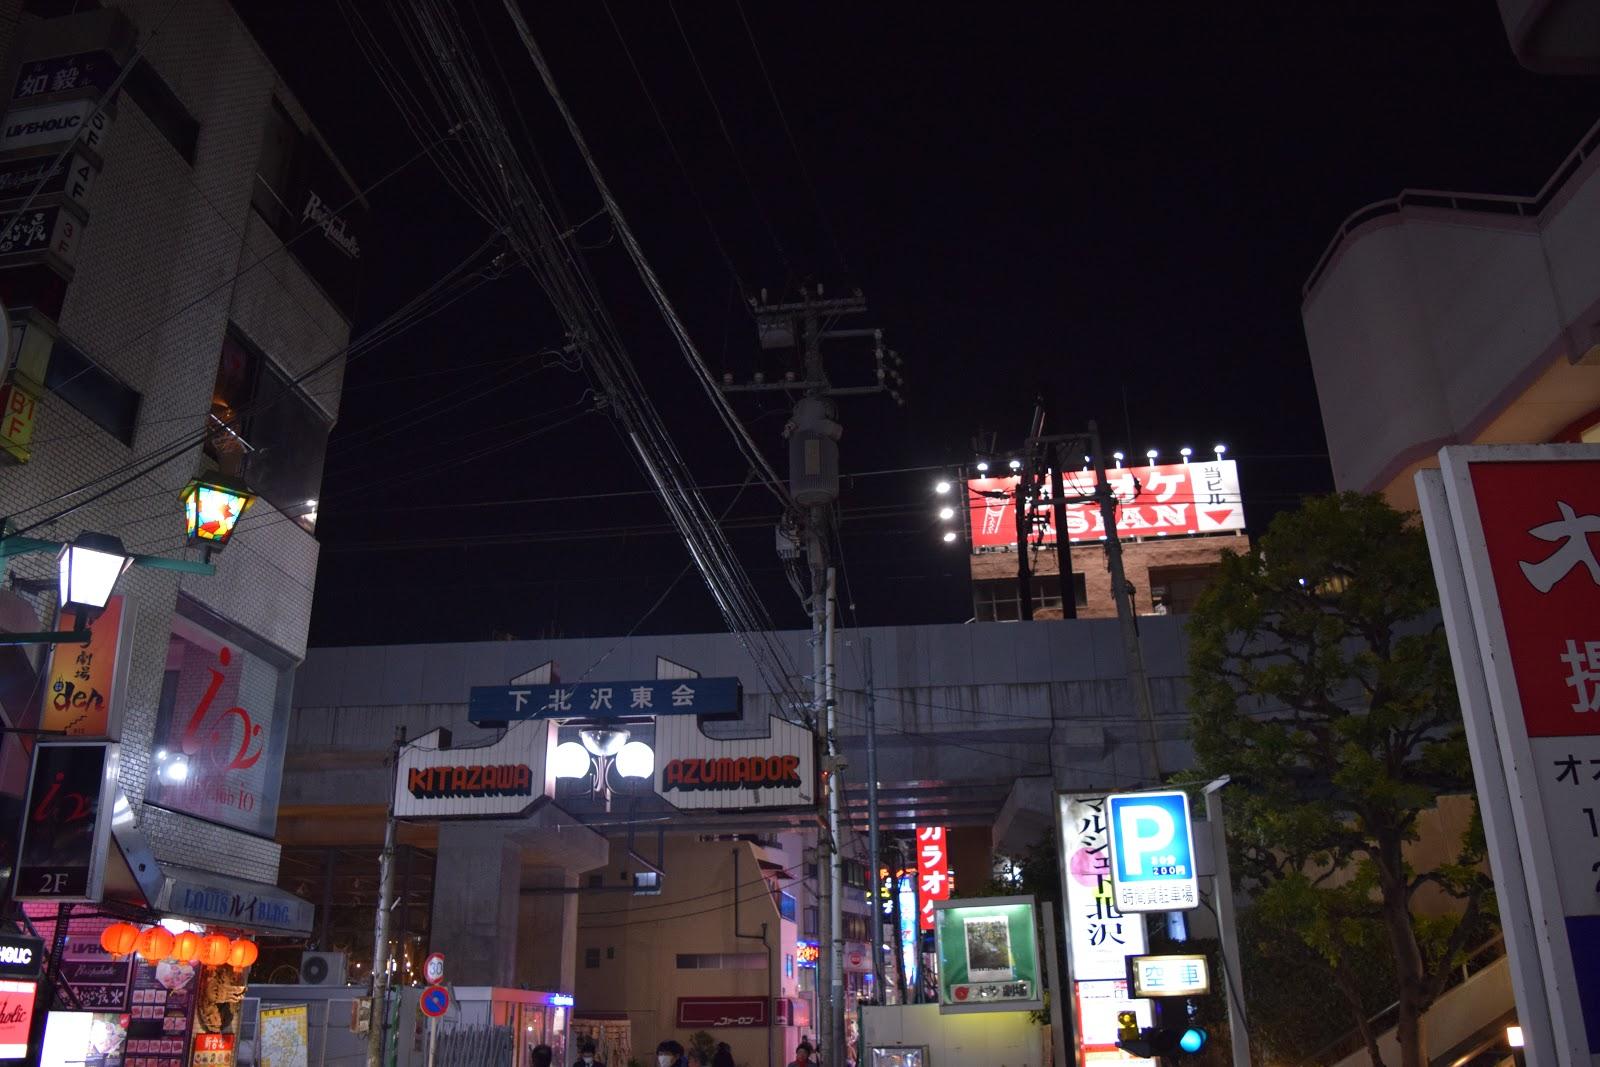 Azumadori Shimokitazawa Tokyo